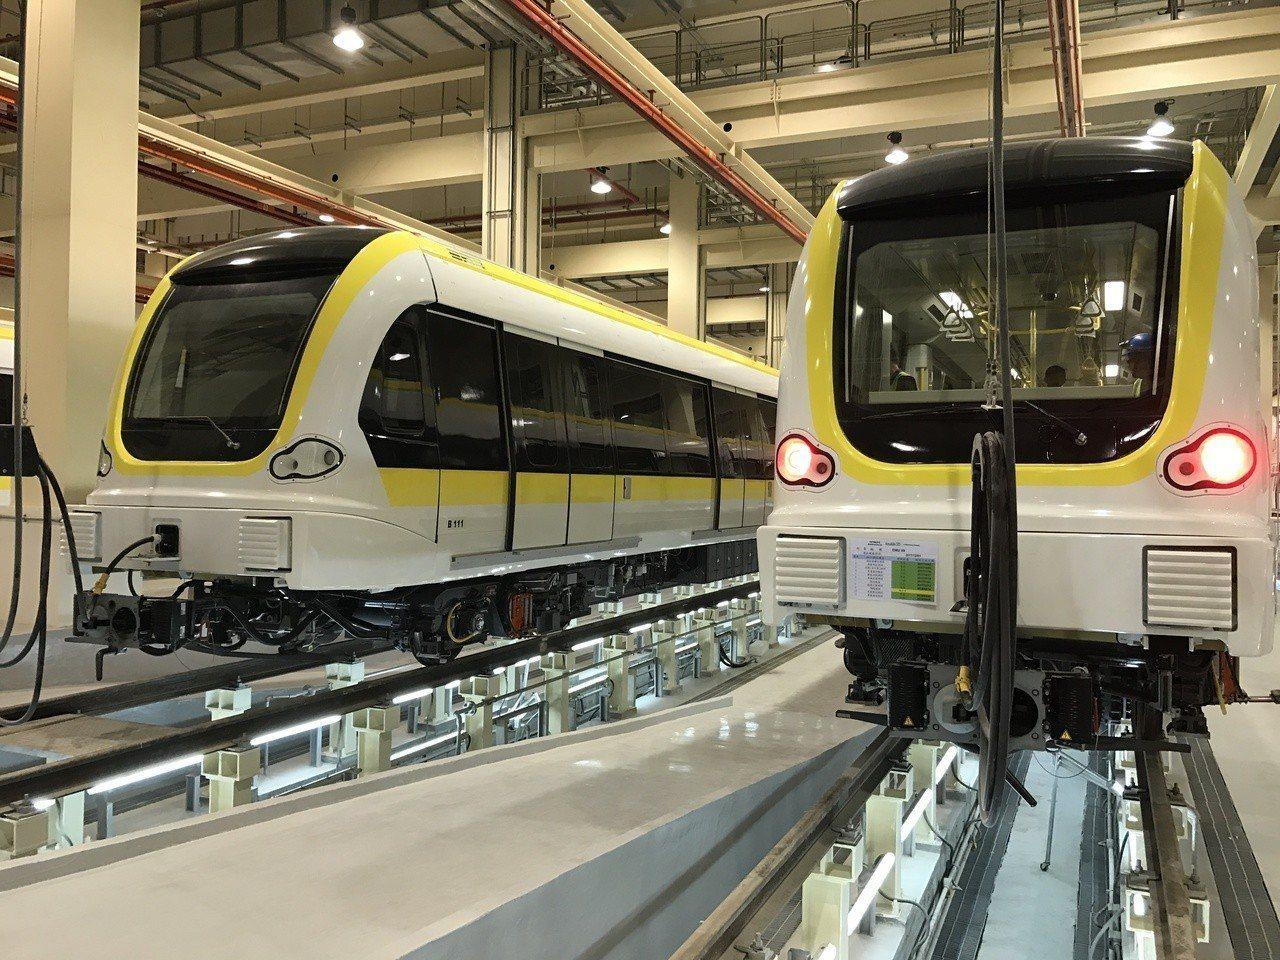 捷運環狀線第一階段工程將於今年年底完工,明年六月營運。記者陳珮琦/攝影